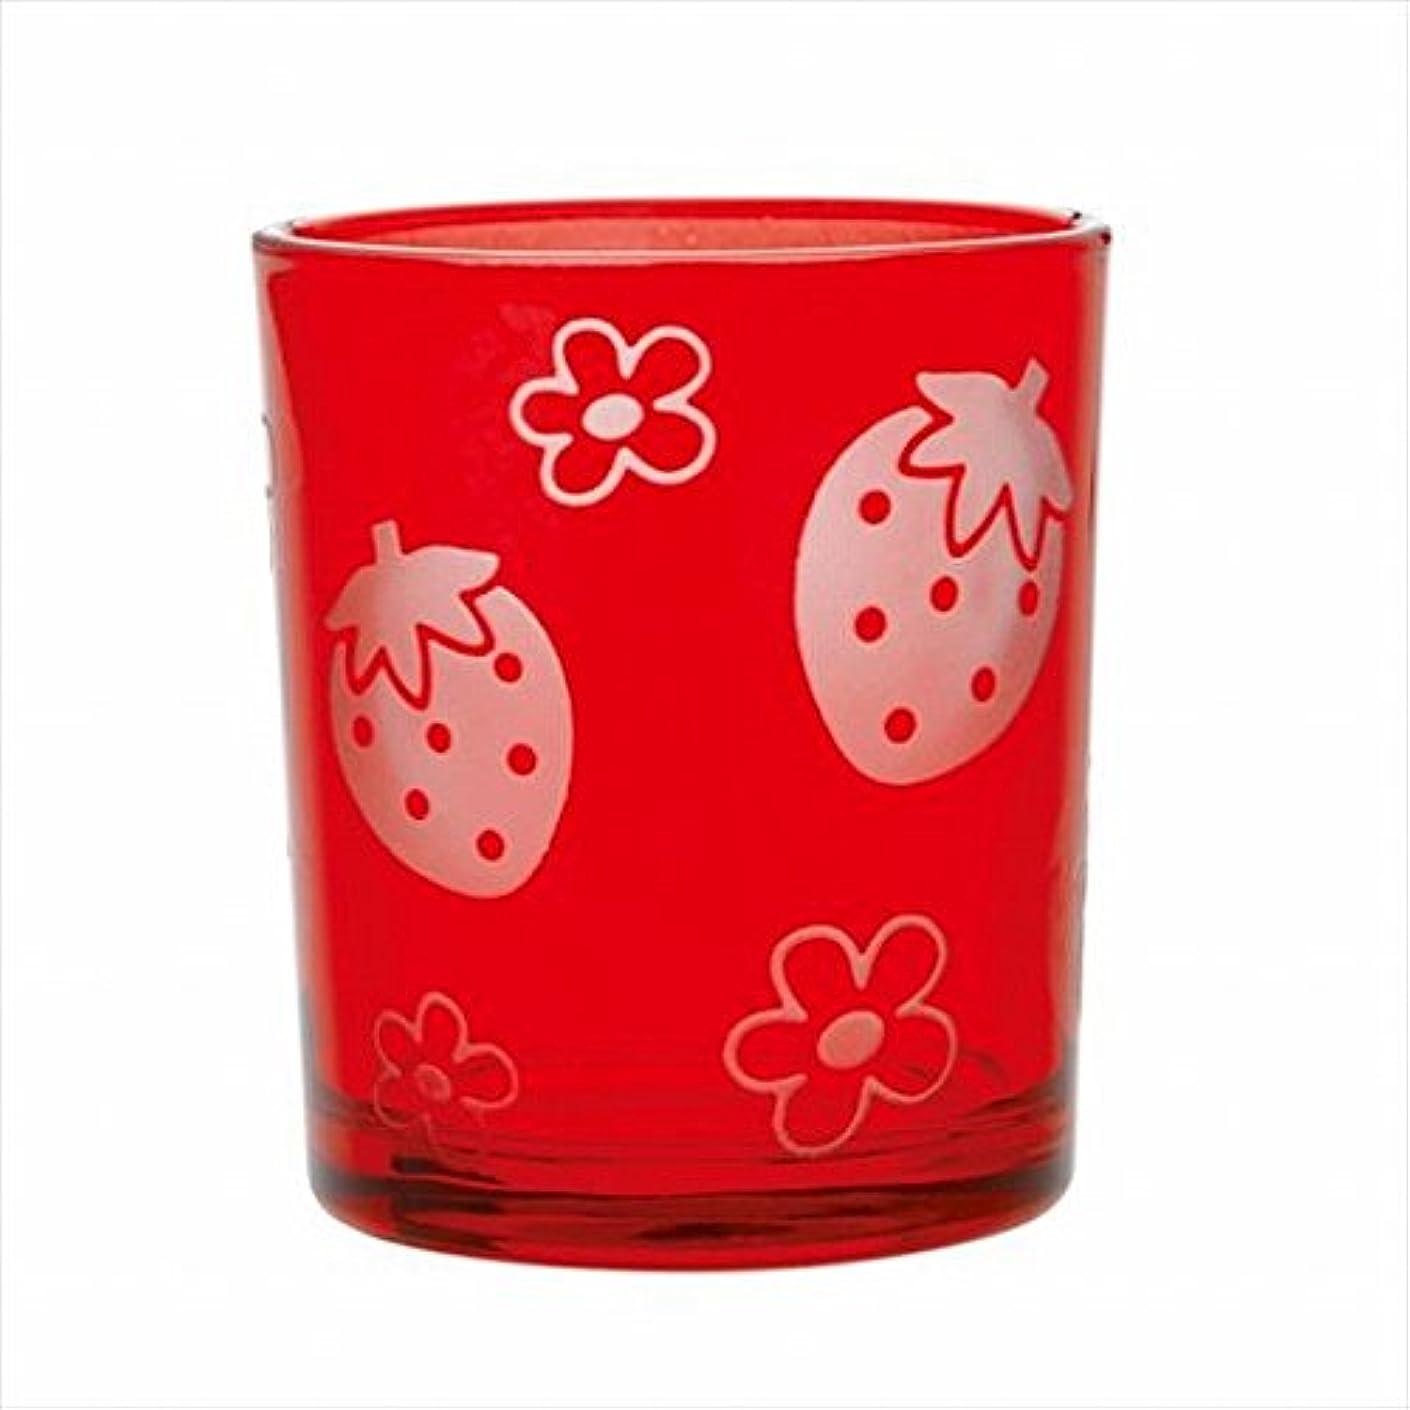 住居見分けるカルシウムsweets candle いちごフロストカップ 「 レッド 」